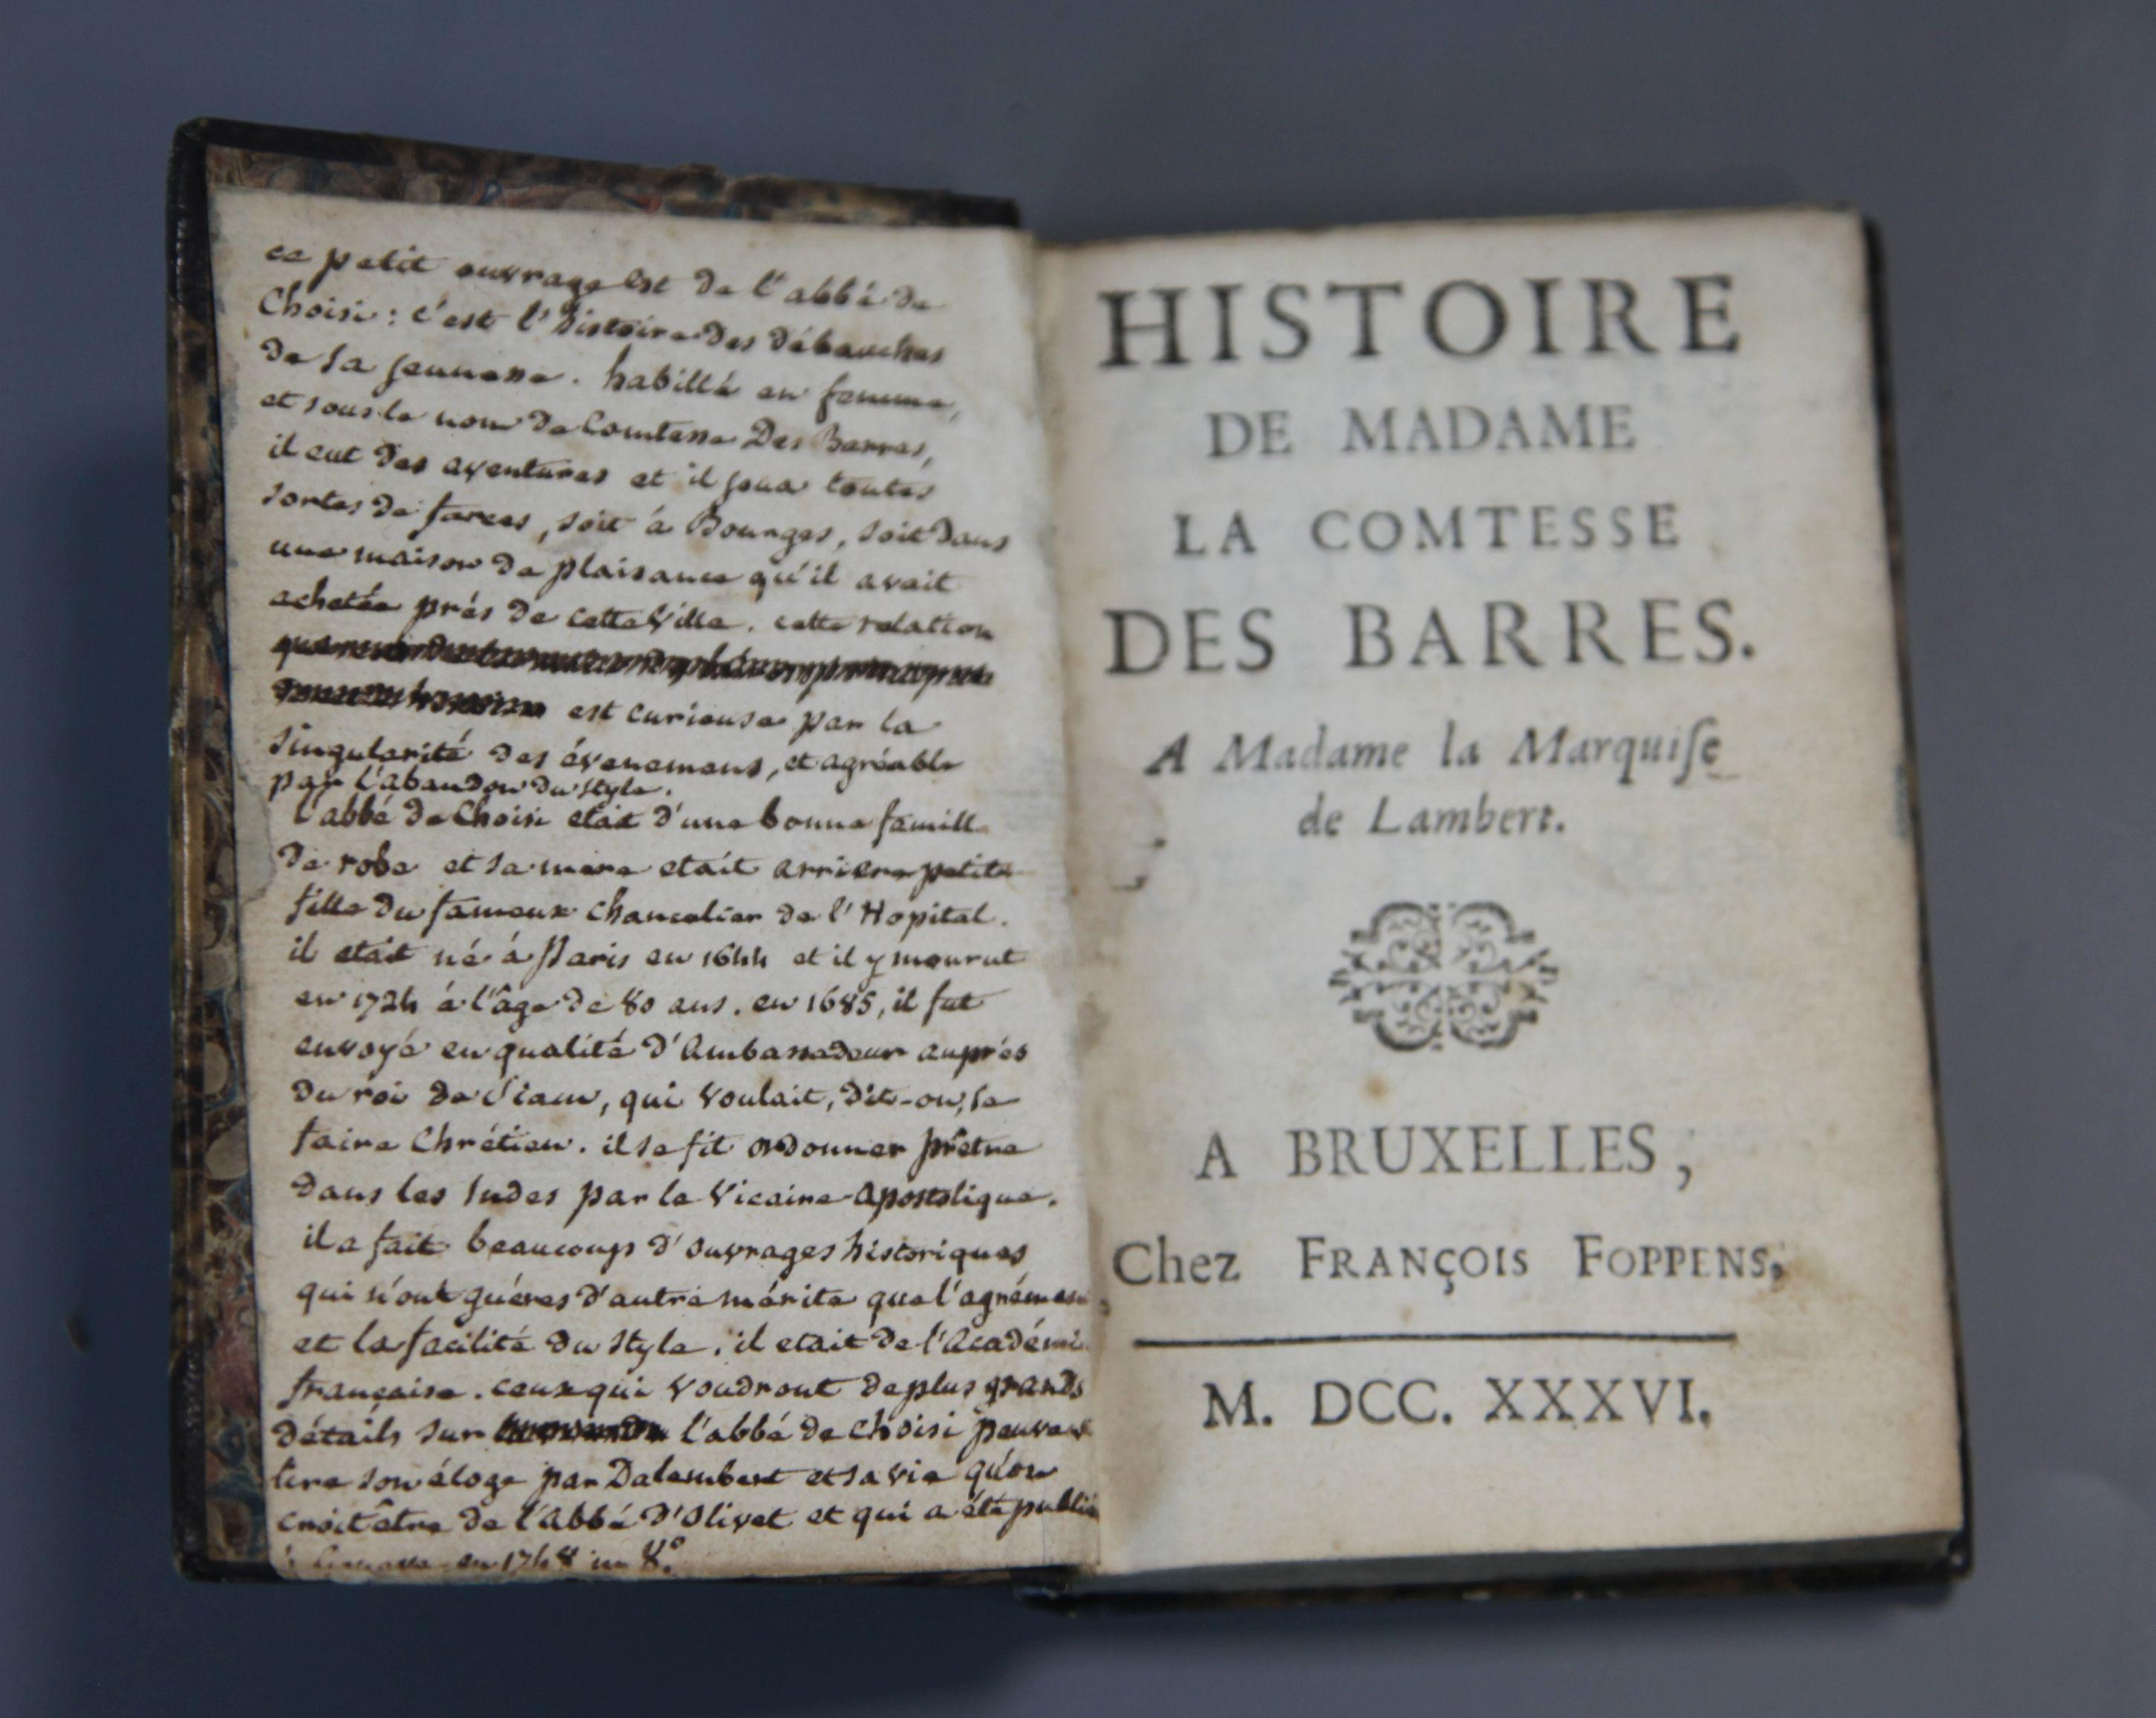 Lot 1A - Choisy, Francois-Timoléon de - Histoire de la Comtesse des Barres à Madame la Marquise de Lambert,